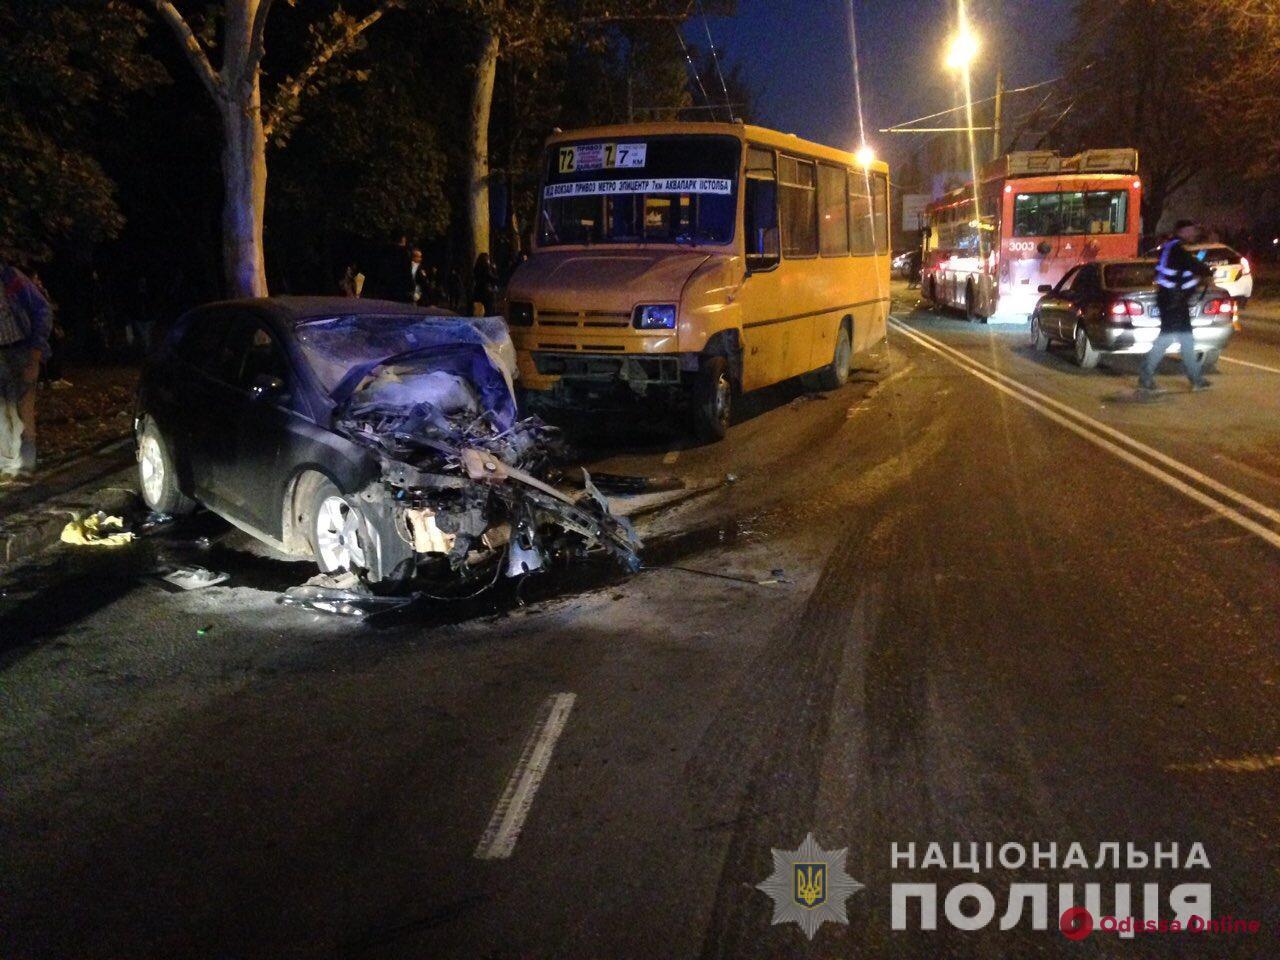 В полиции назвали предварительные причины кровавого ДТП на Мельницкой